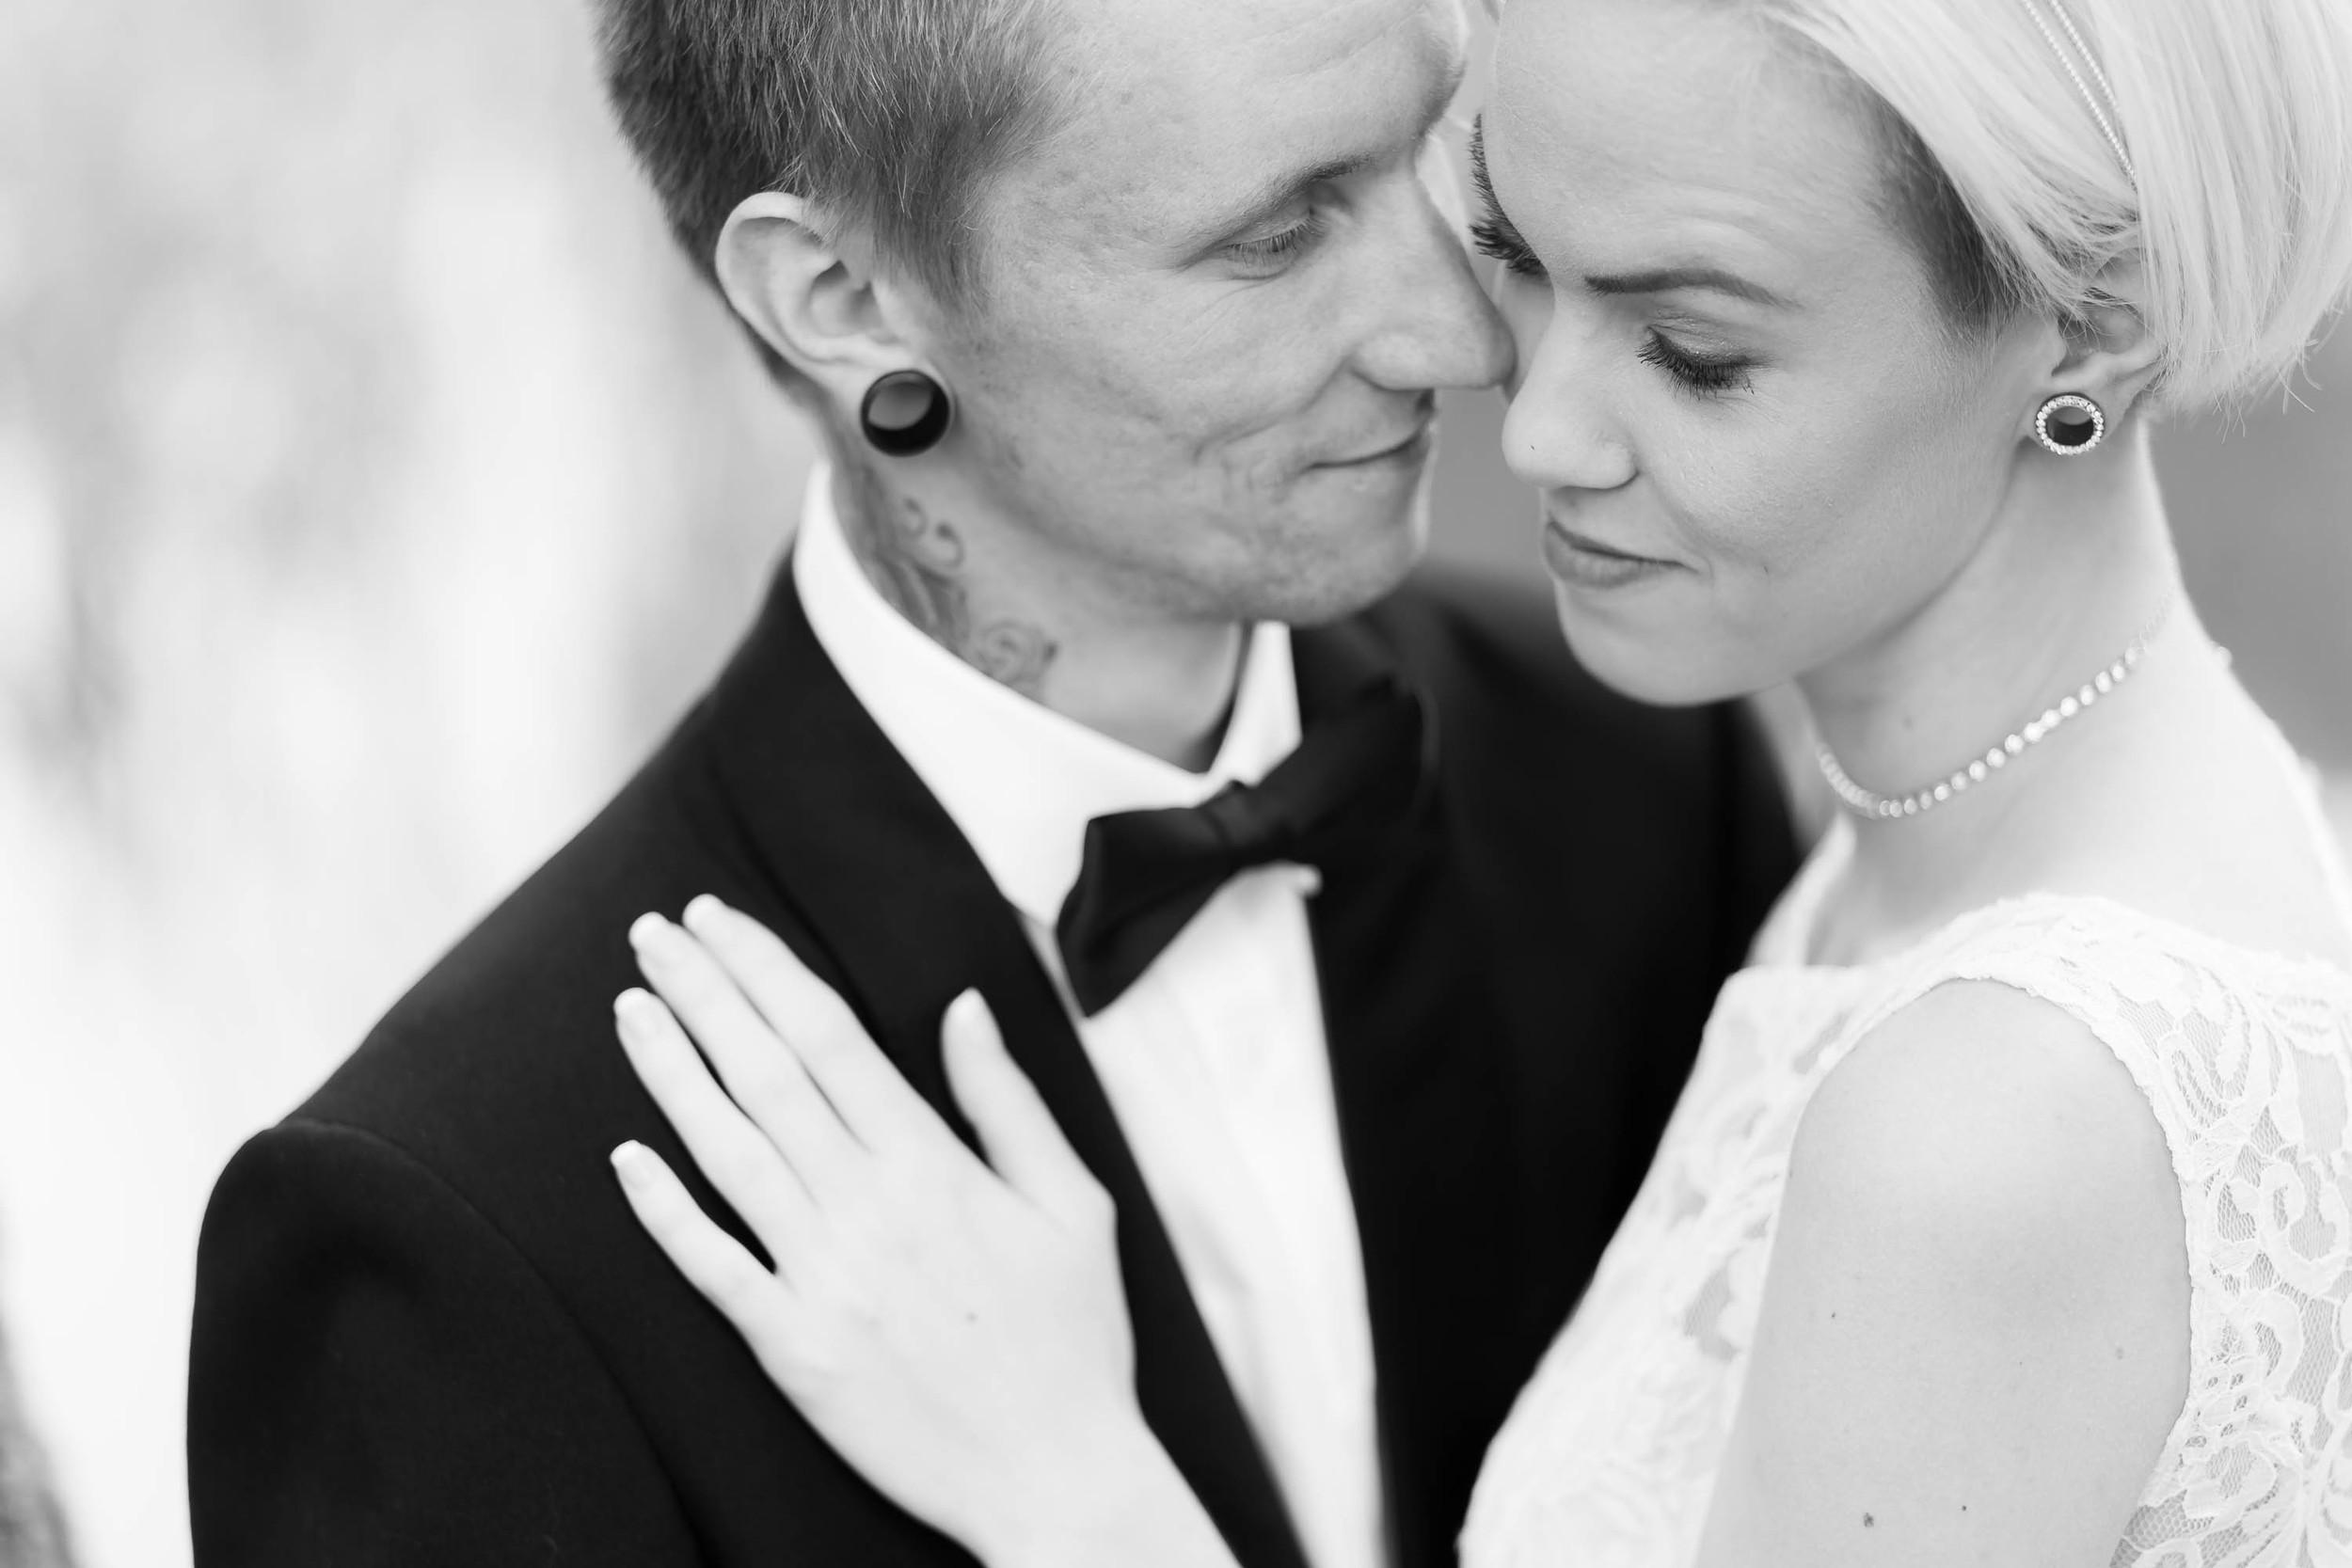 bryllupsbilde-par-sort-hvitt.jpg